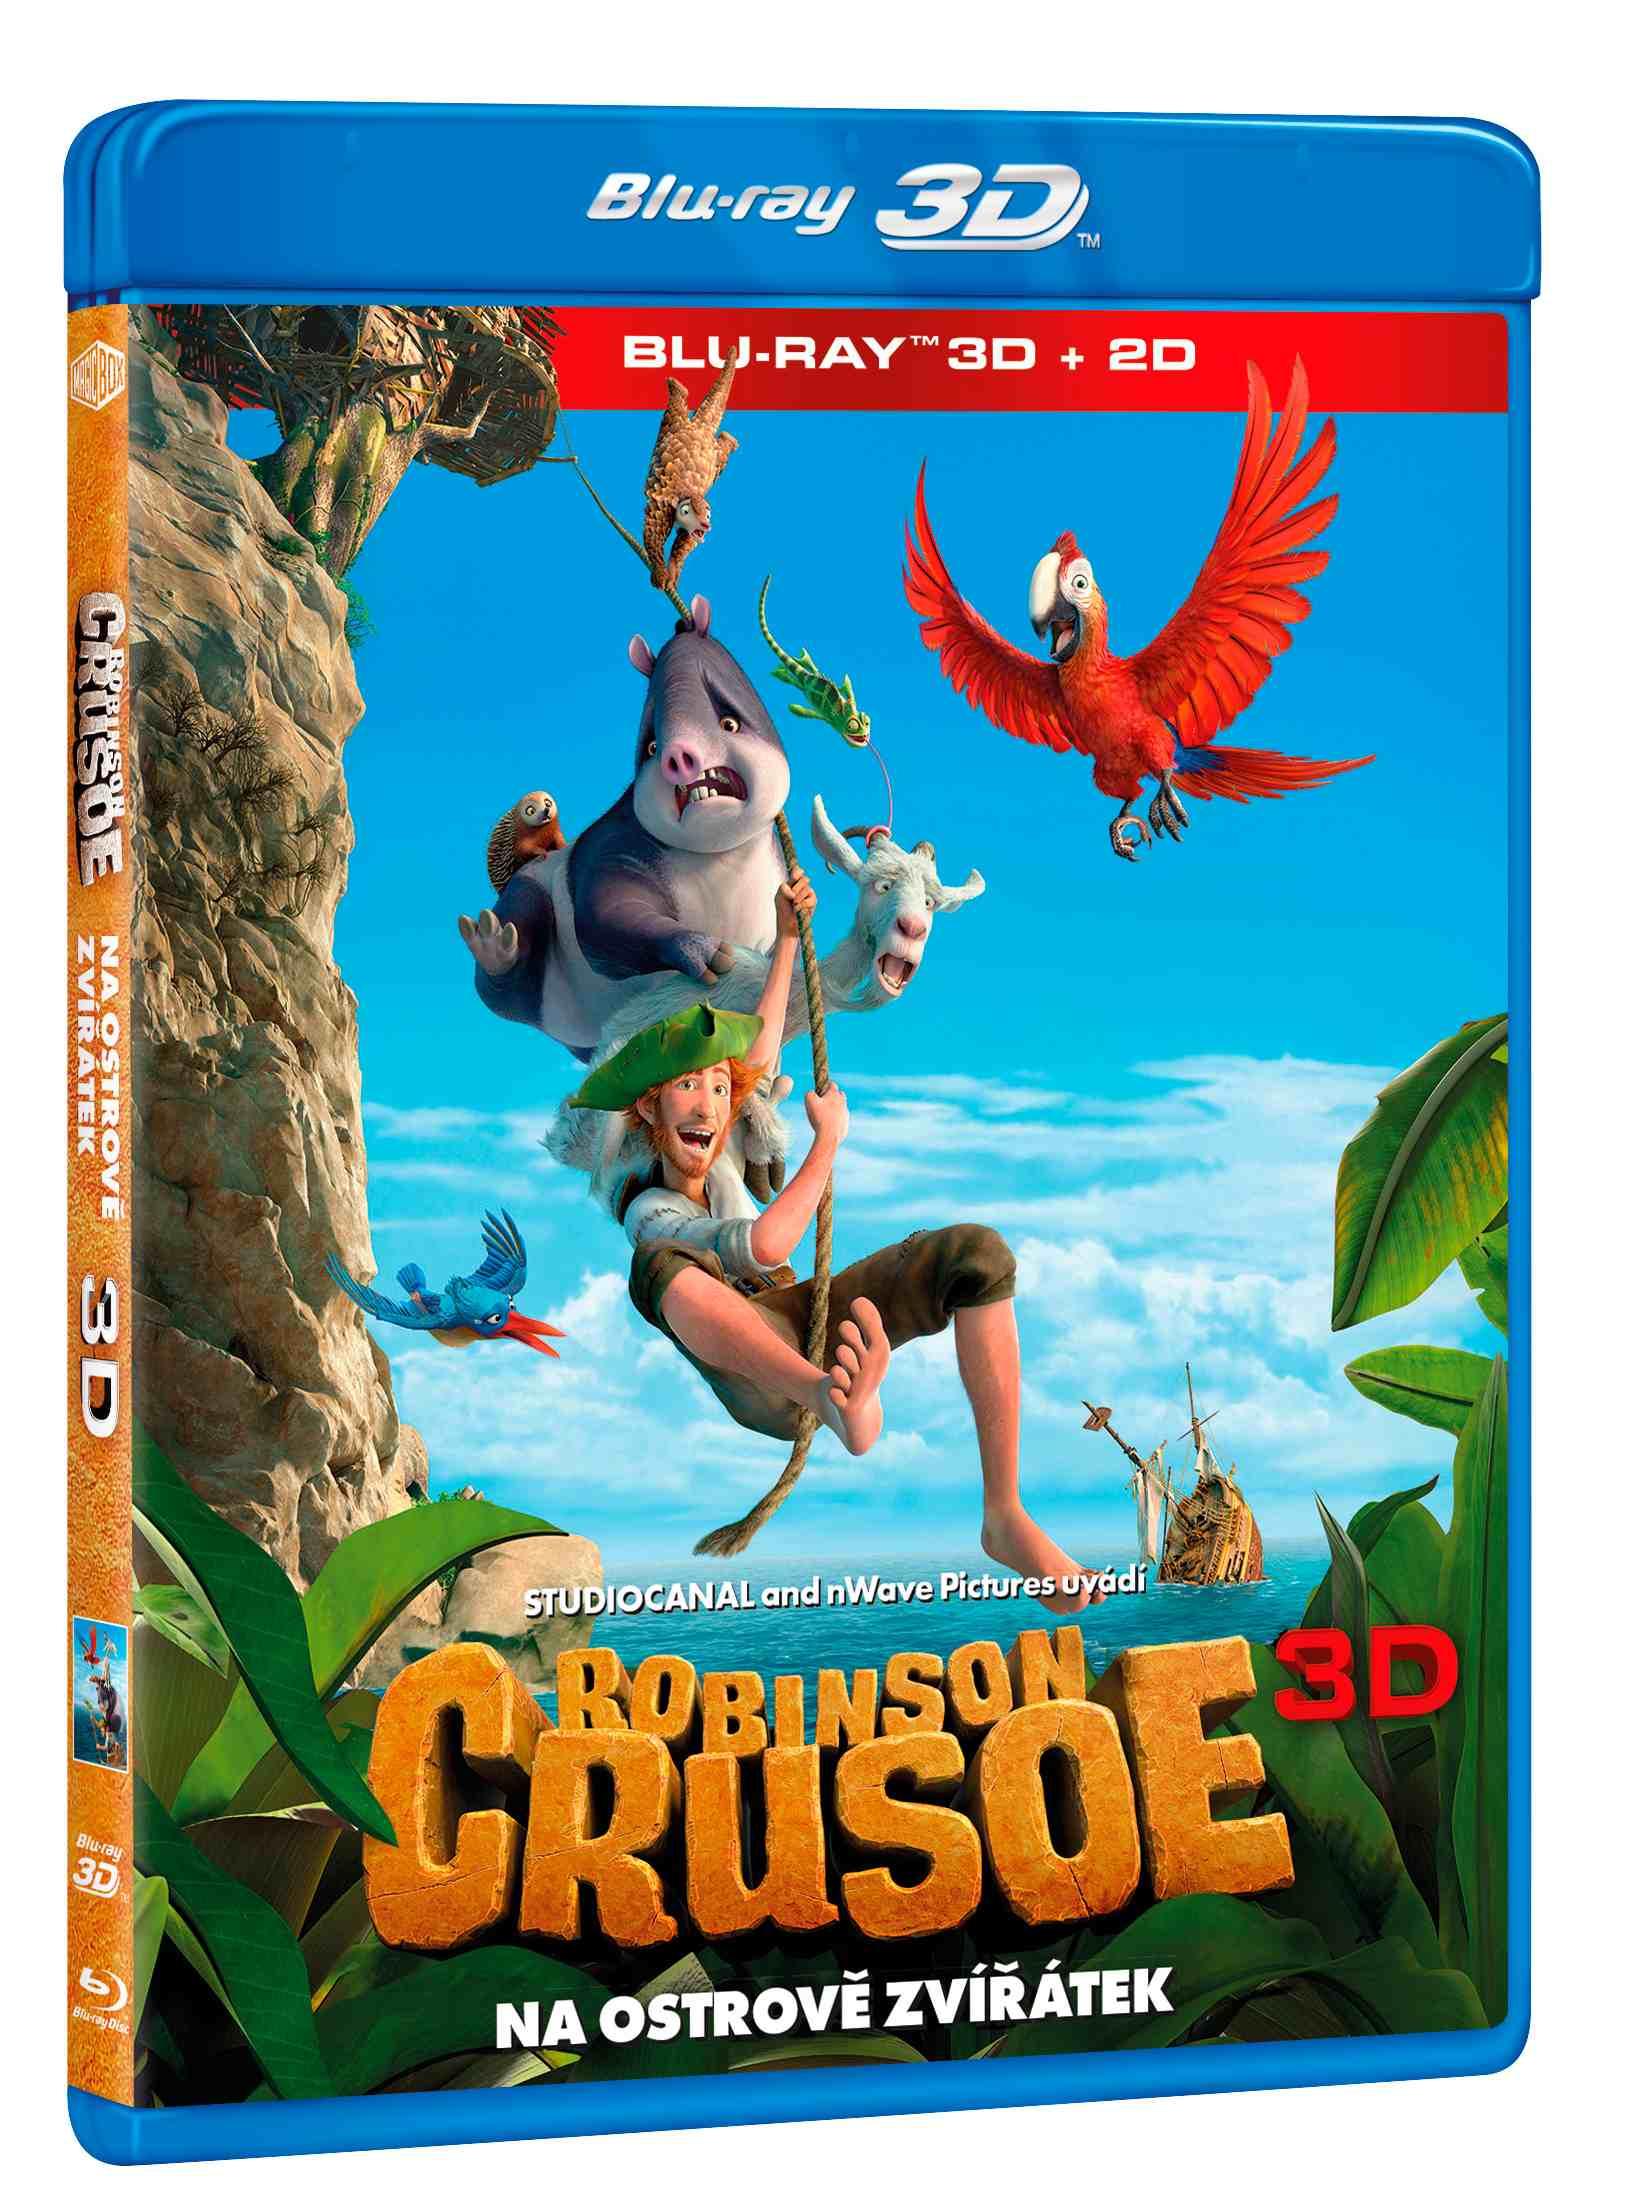 ROBINSON CRUSOE: NA OSTROVĚ ZVÍŘÁTEK - Blu-ray 3D + 2D (1 BD)